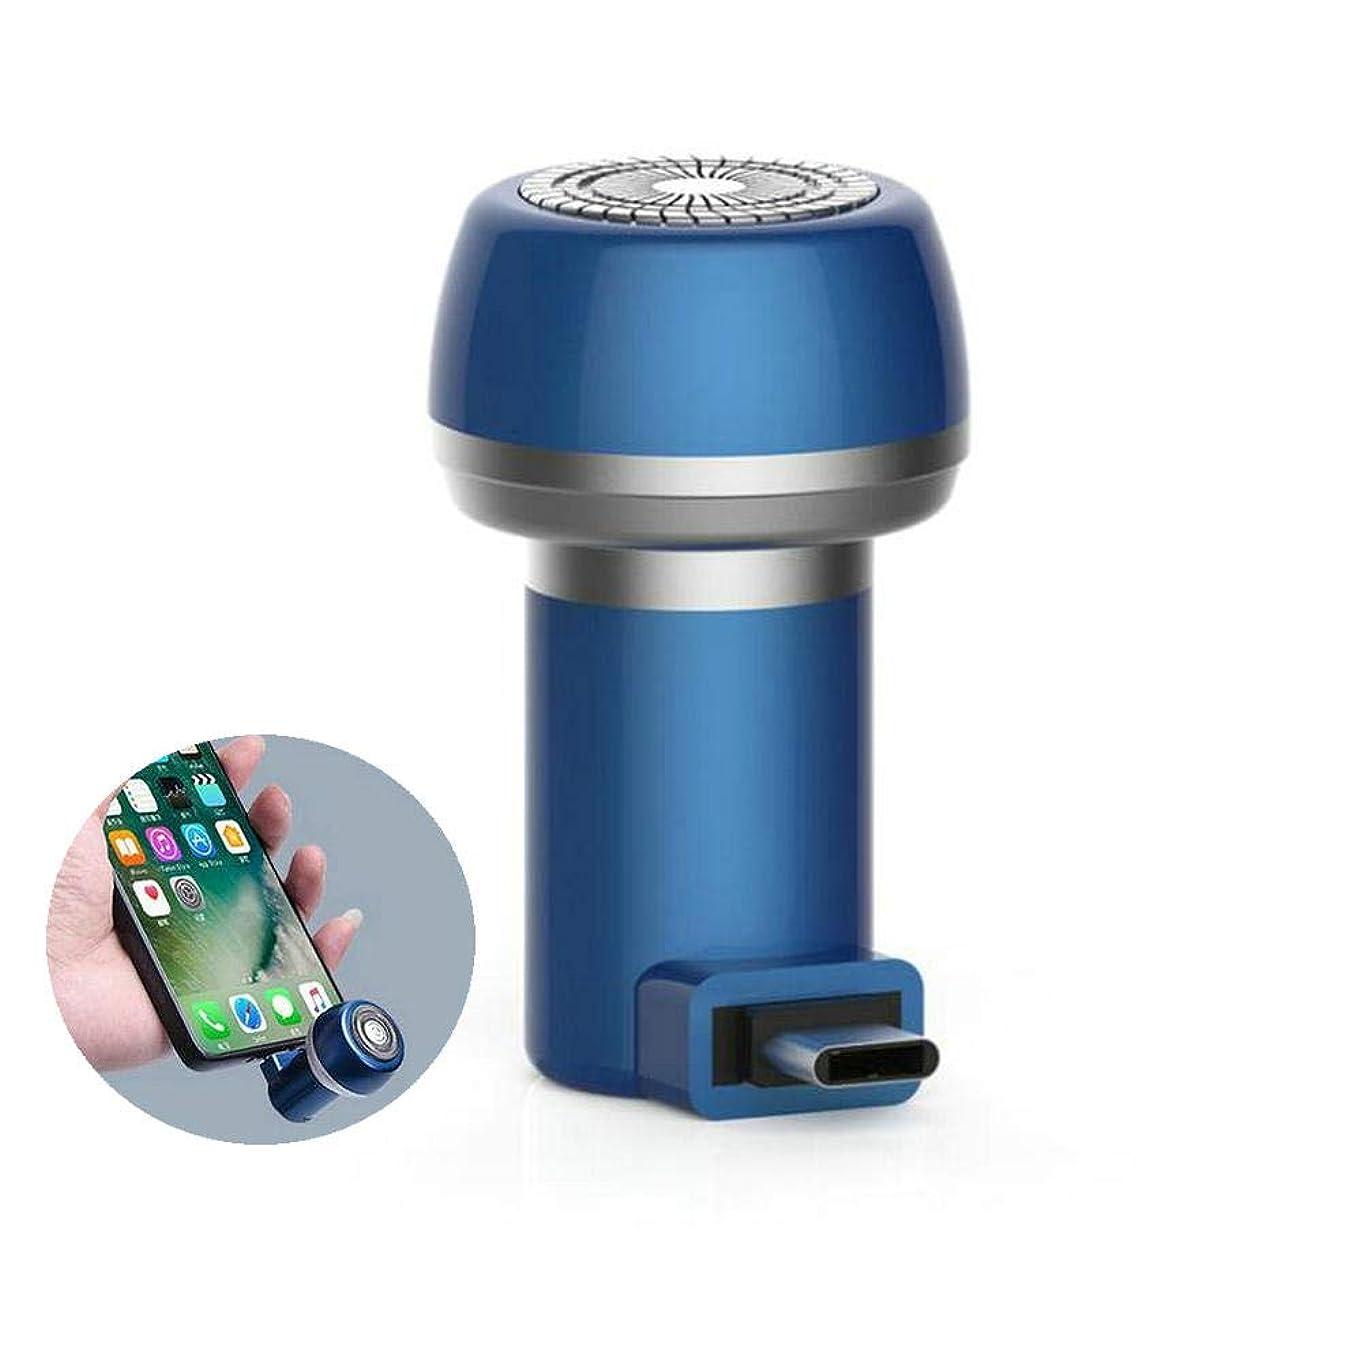 ブロー印象派市の花XAHWL ミニ シェーバー 携帯電話 Micro/Type-c/USB+Micro 脱毛器